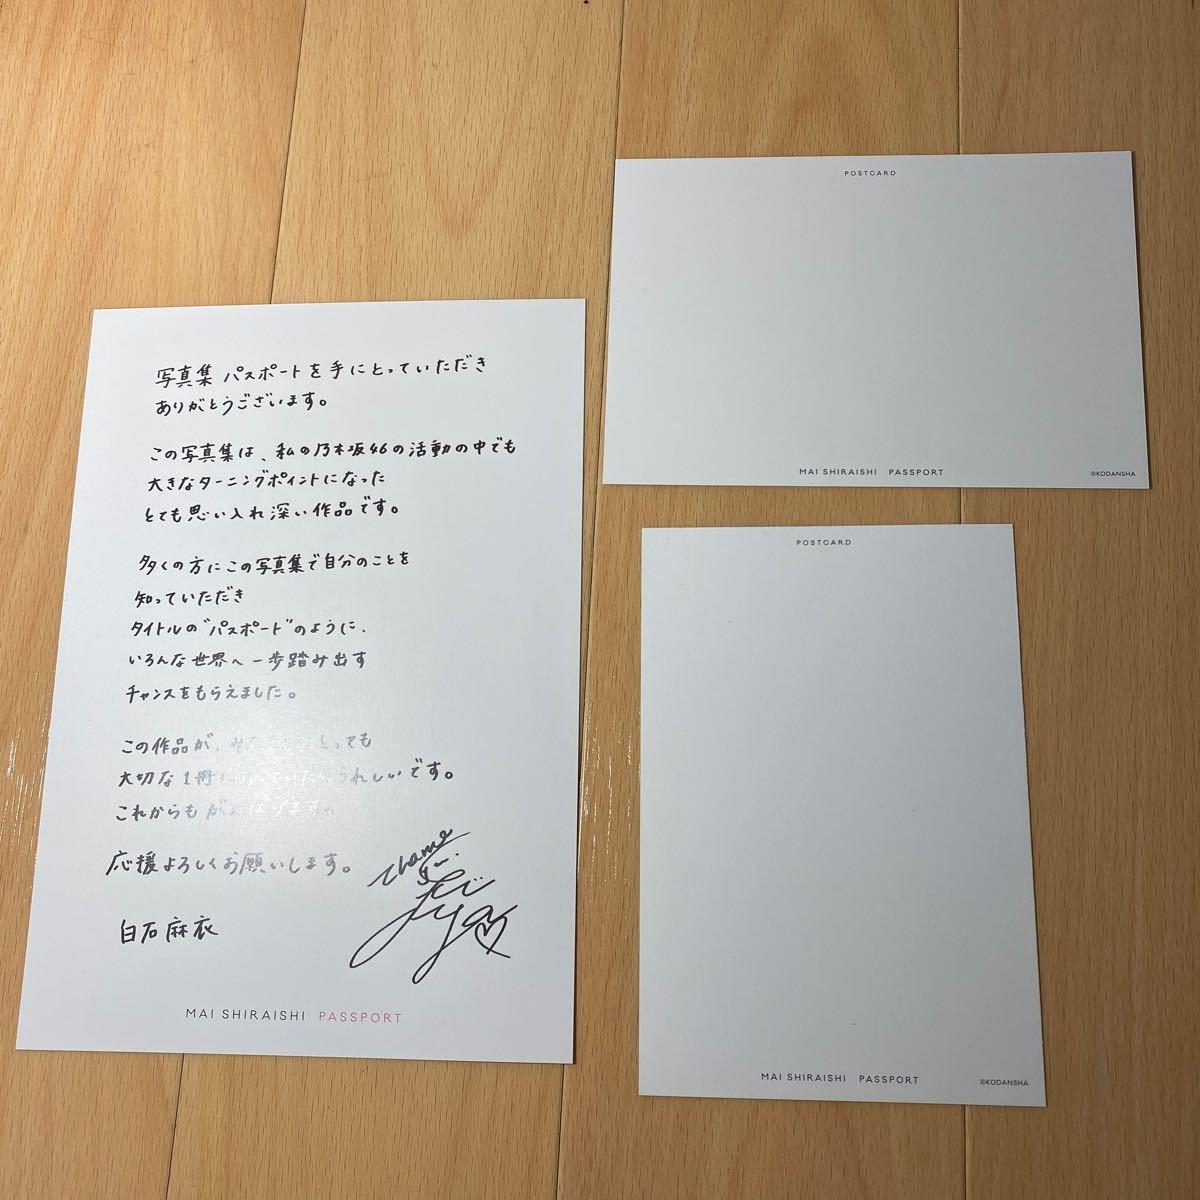 乃木坂46卒業記念 限定カバー版 白石麻衣 写真集 ポストカード2枚 手書きメッセージカードつき _画像5